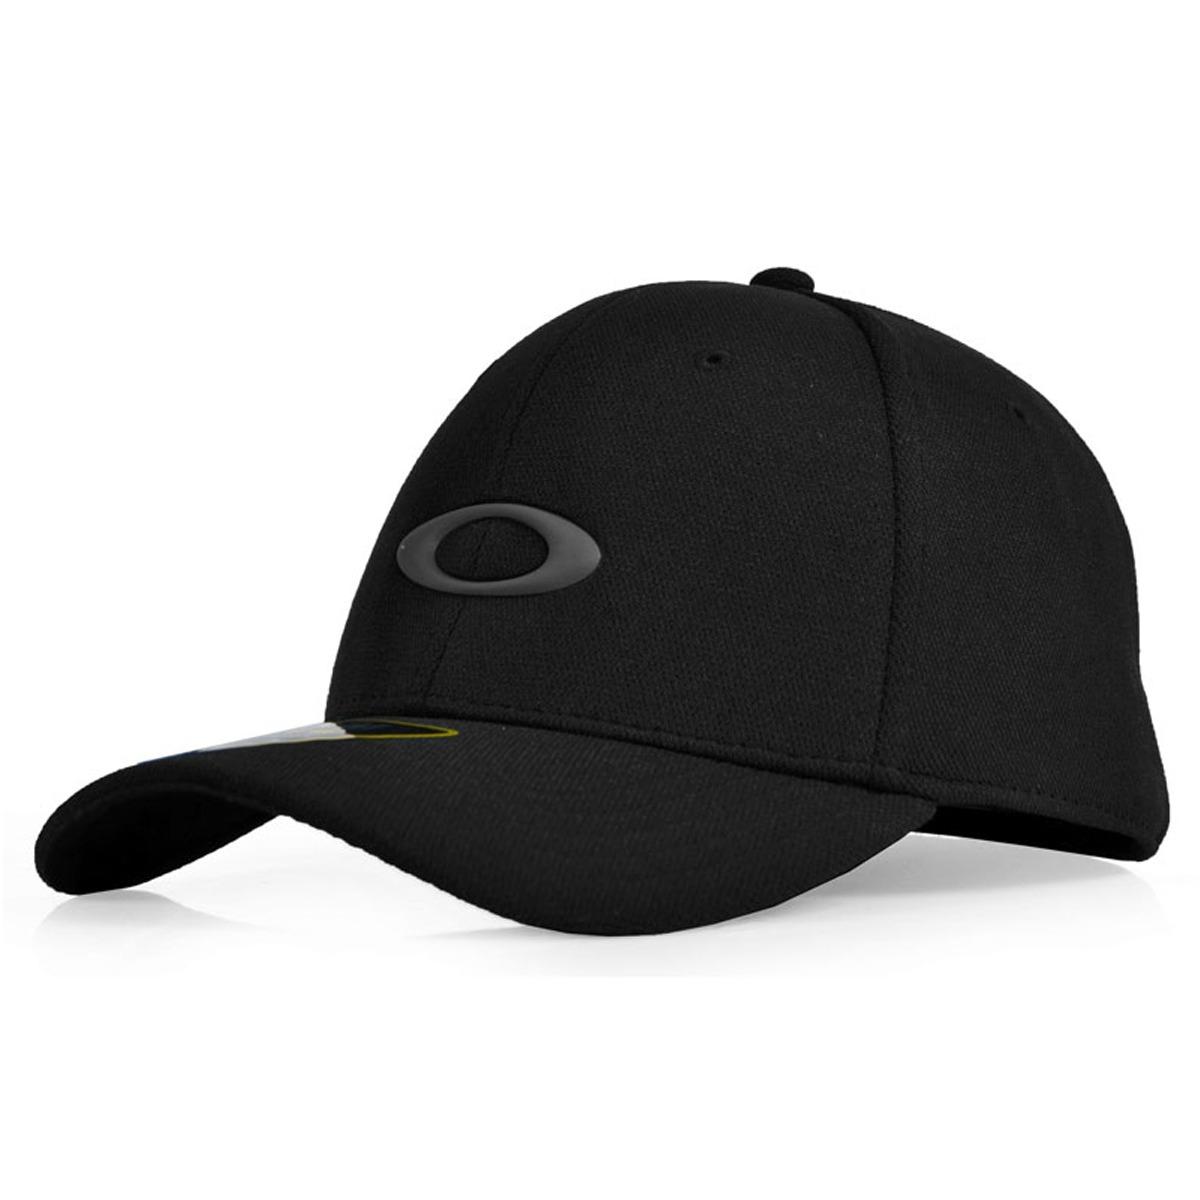 boné oakley silicon cap 2.0 preto lançamento -l xl. Carregando zoom. dcdbfded2da